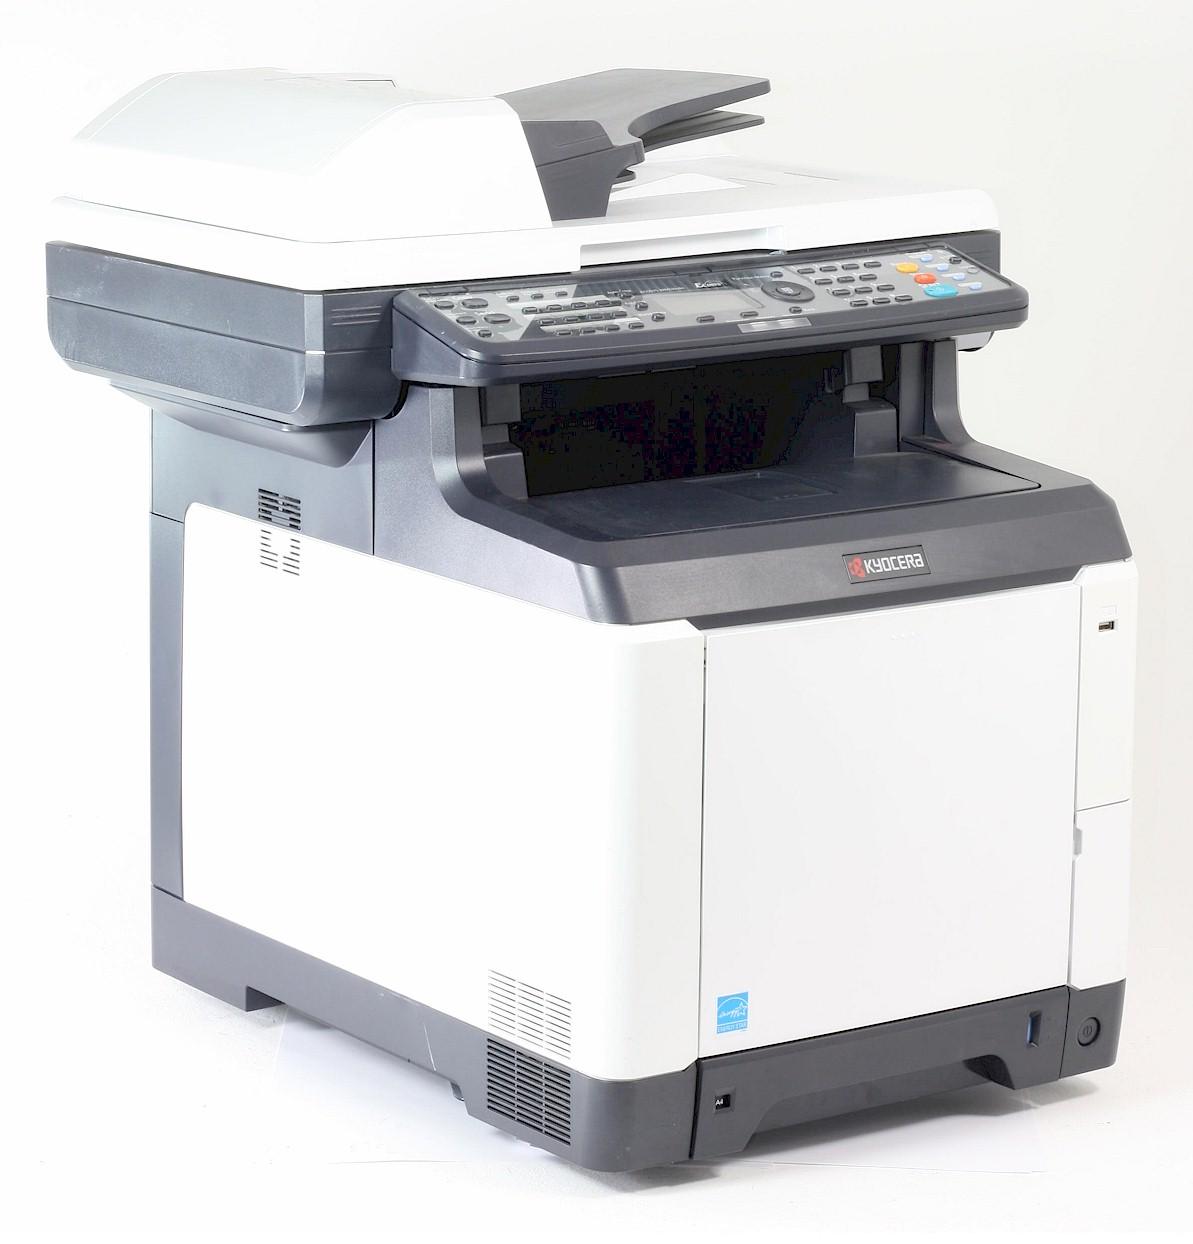 Kyocera FS-C2026 MFP+ Drucker Laserdrucker Kopierer Scanner Fax Color gebraucht /  unter 10.000 Seiten